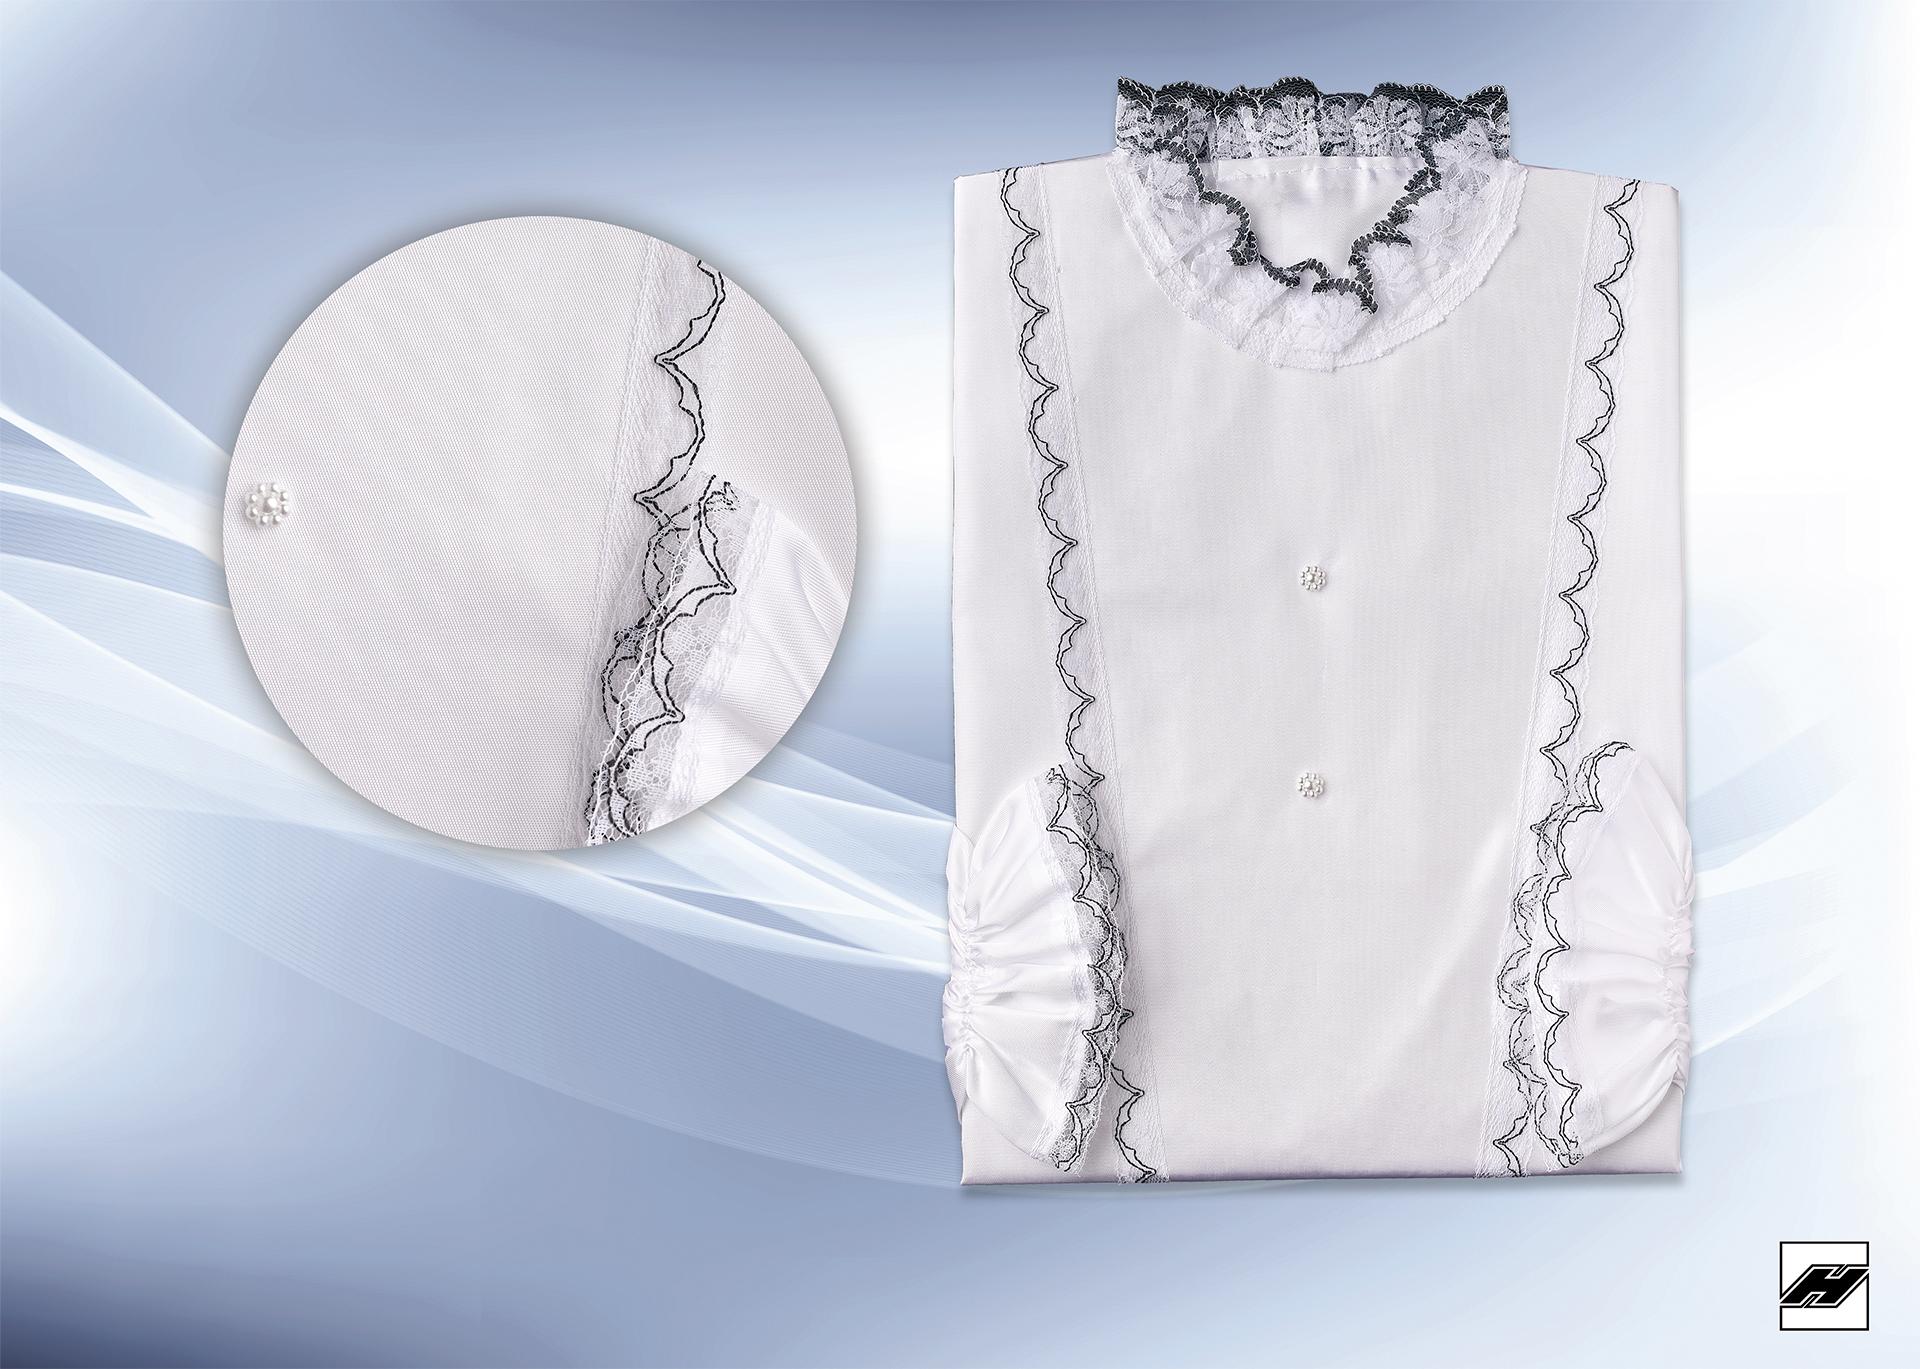 Damenkleid 297 KS weiß, Spitze s/w